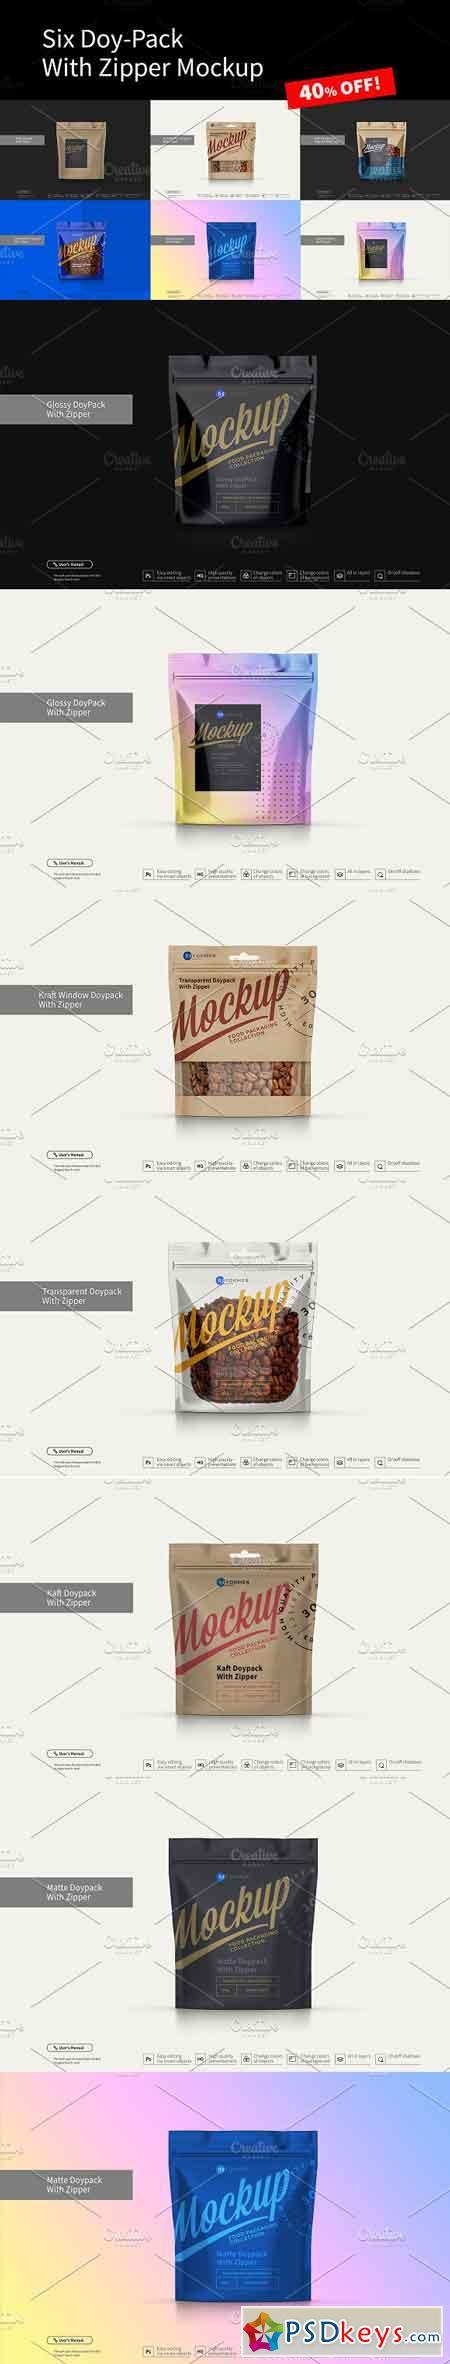 Six Doy-Pack Mockup 3284888